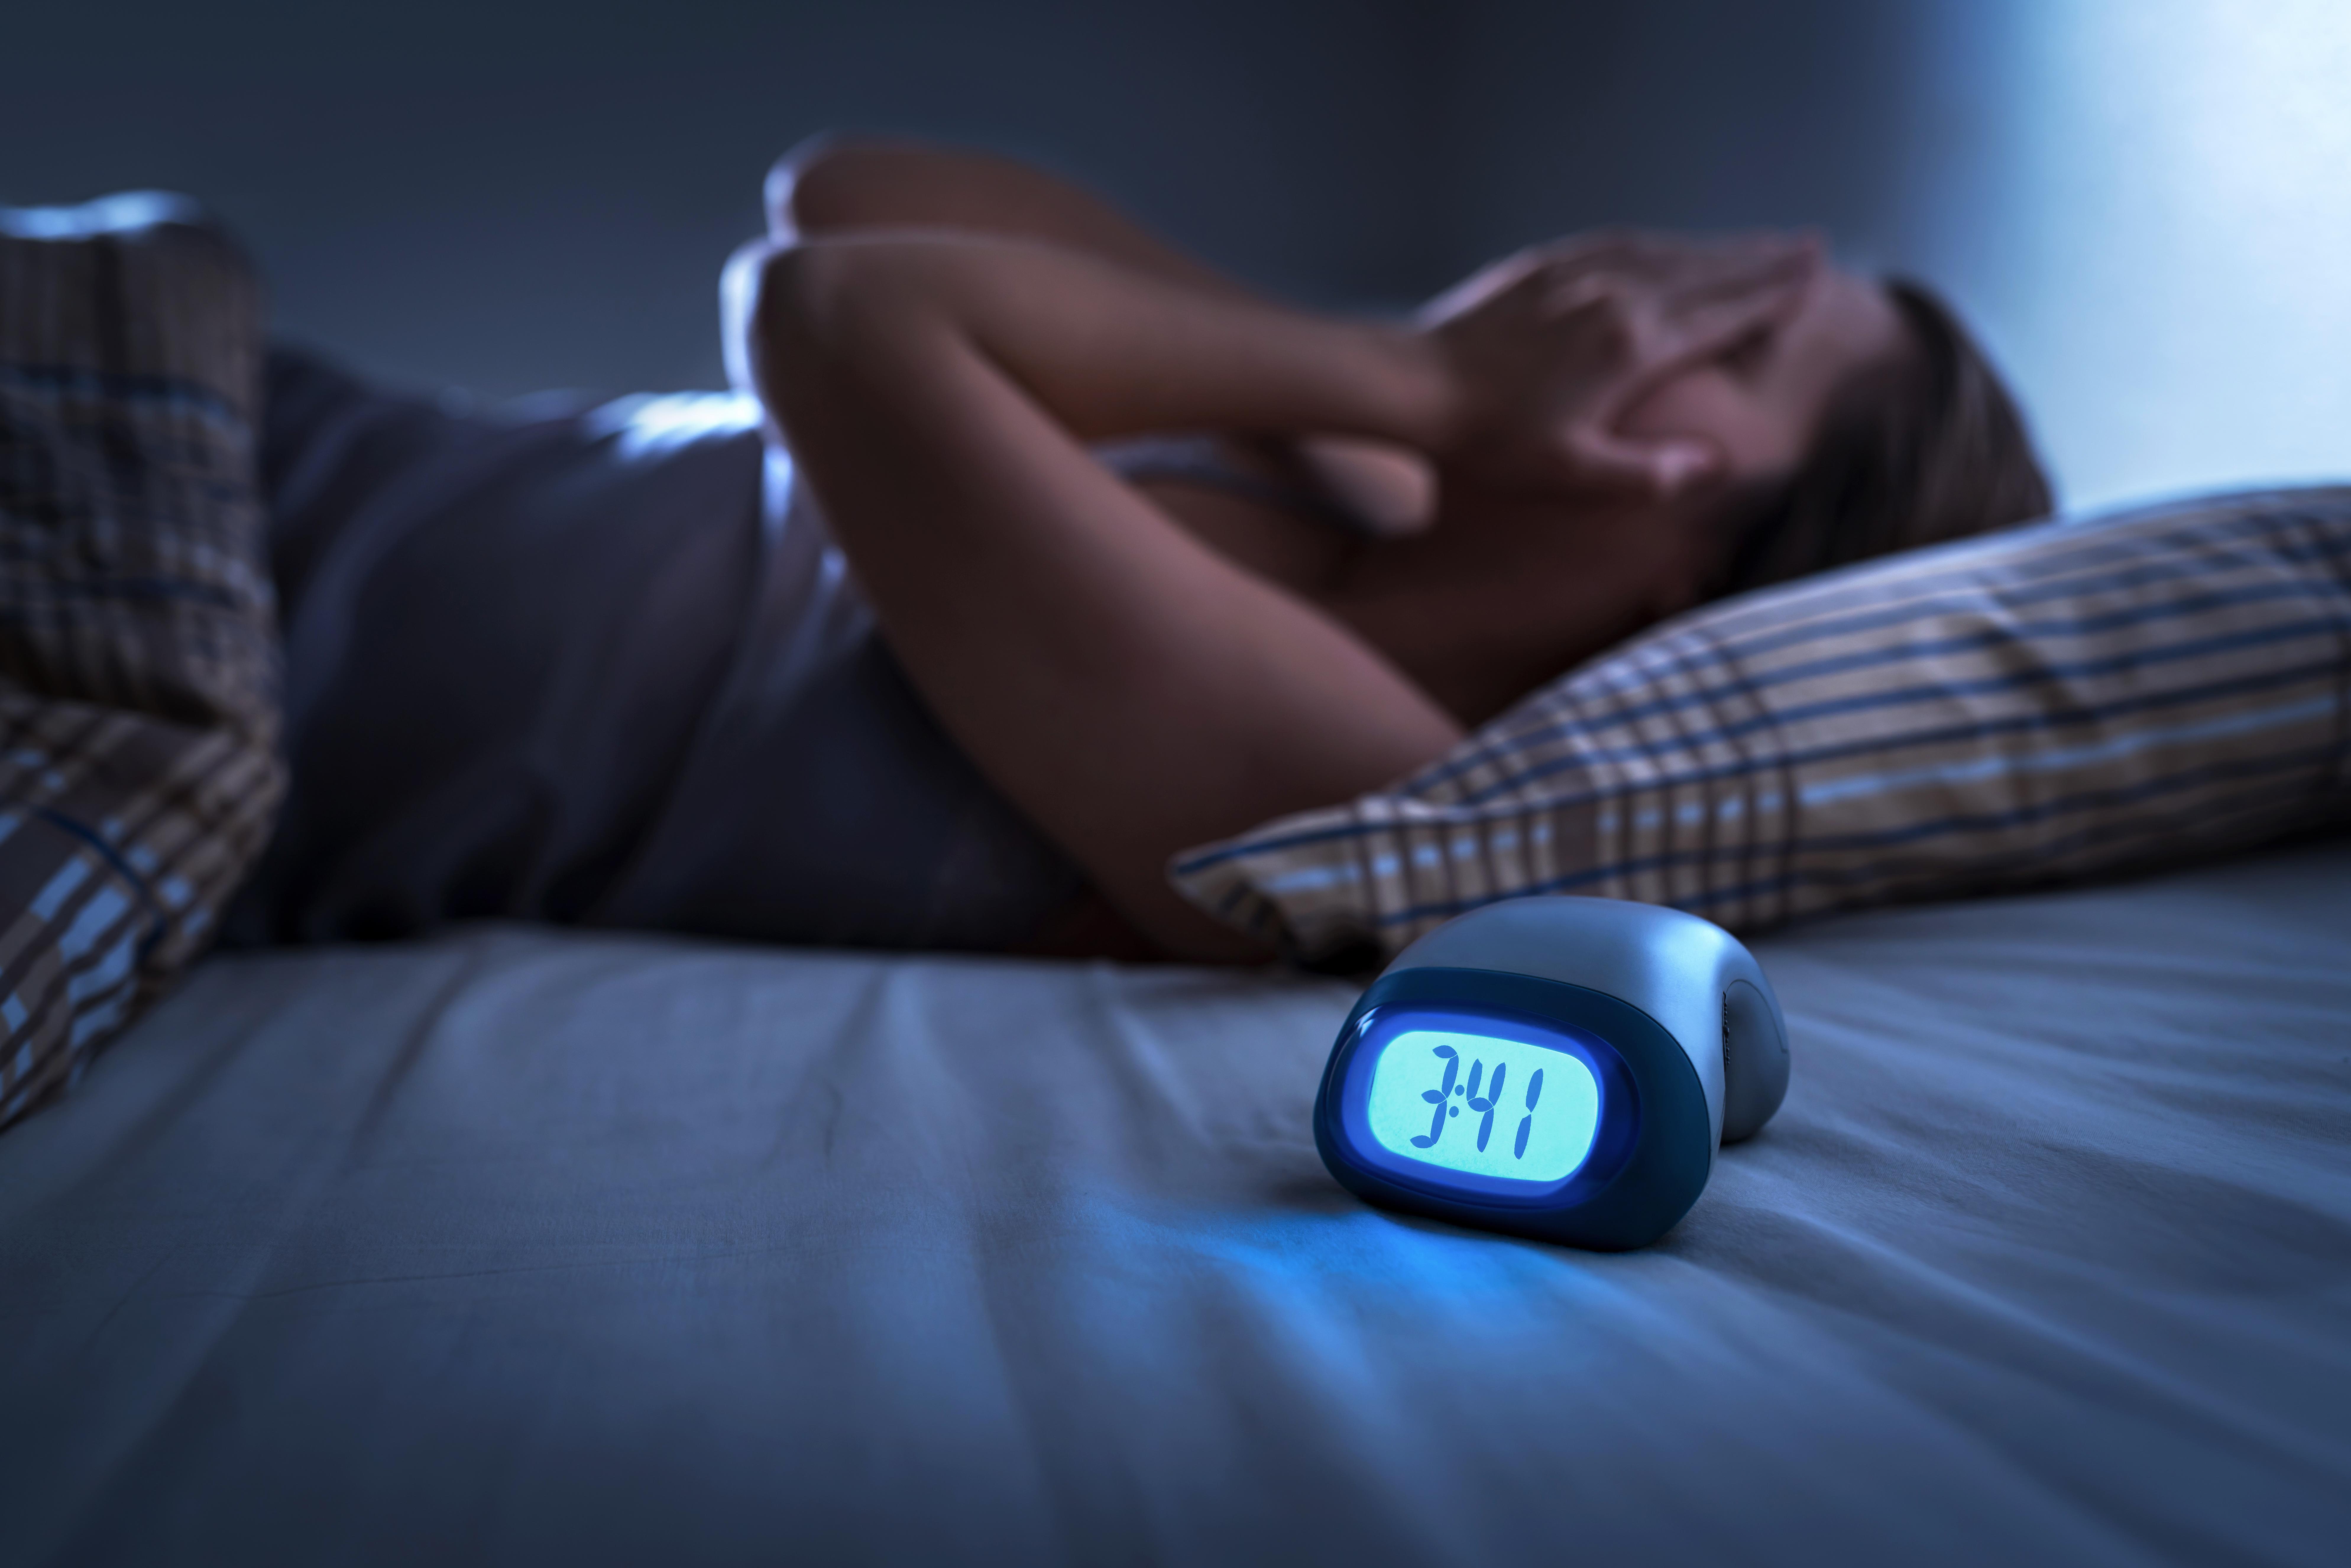 <p><strong>Липса на сън</strong> Американските центрове за контрол и превенция на заболяванията напоследък предупреждават американците, че нарушенията на съня са национален проблем, засягащи 50-70 милиона американци. Световната здравна организация /СЗО/, също алармира, че липсата на сън увеличава риска от инфаркт и инсулт и е почти толкова опасна за кръвоносните съдове, колкото пушенето.</p>